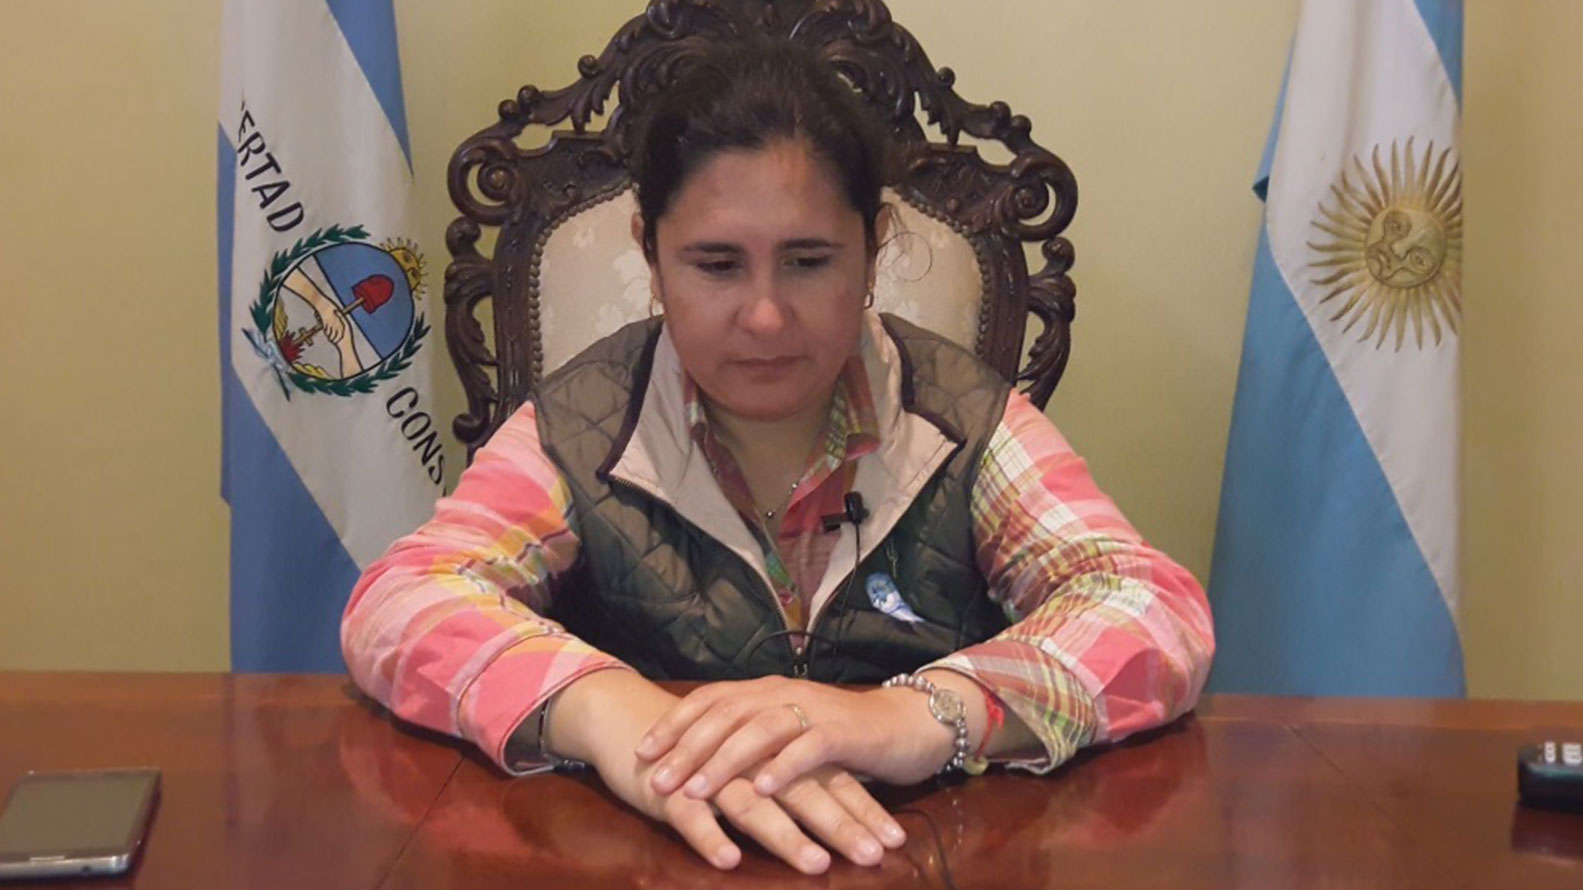 La intendenta de San Cosme, Verónica Maciel, se defendió de las acusaciones de su padre